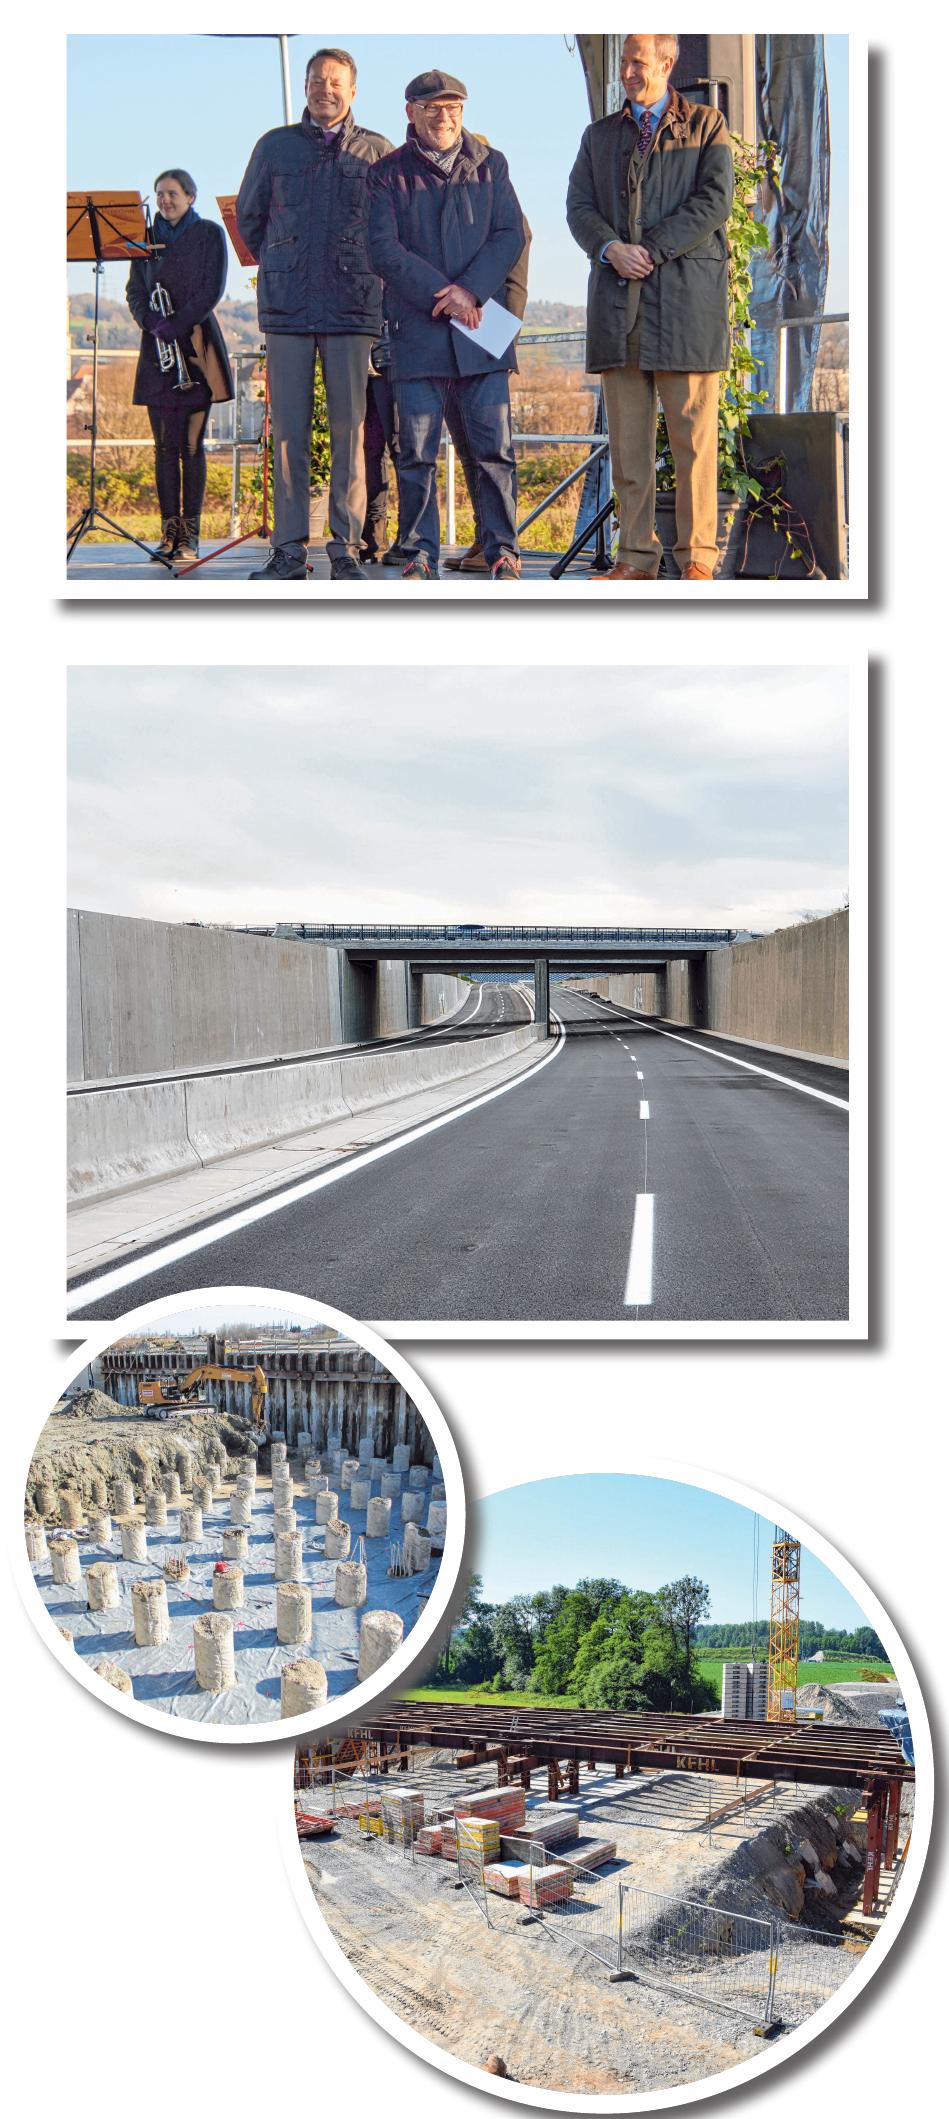 Der B 30 - Bauabschnitt zwischen Ravensburg-Süd und Untereschach ist fertiggestellt. Die feierliche Verkehrsfreigabe erfolgte am 30. November. FOTOS:REGIERUNGSPRÄSIDIUM TÜBINGEN